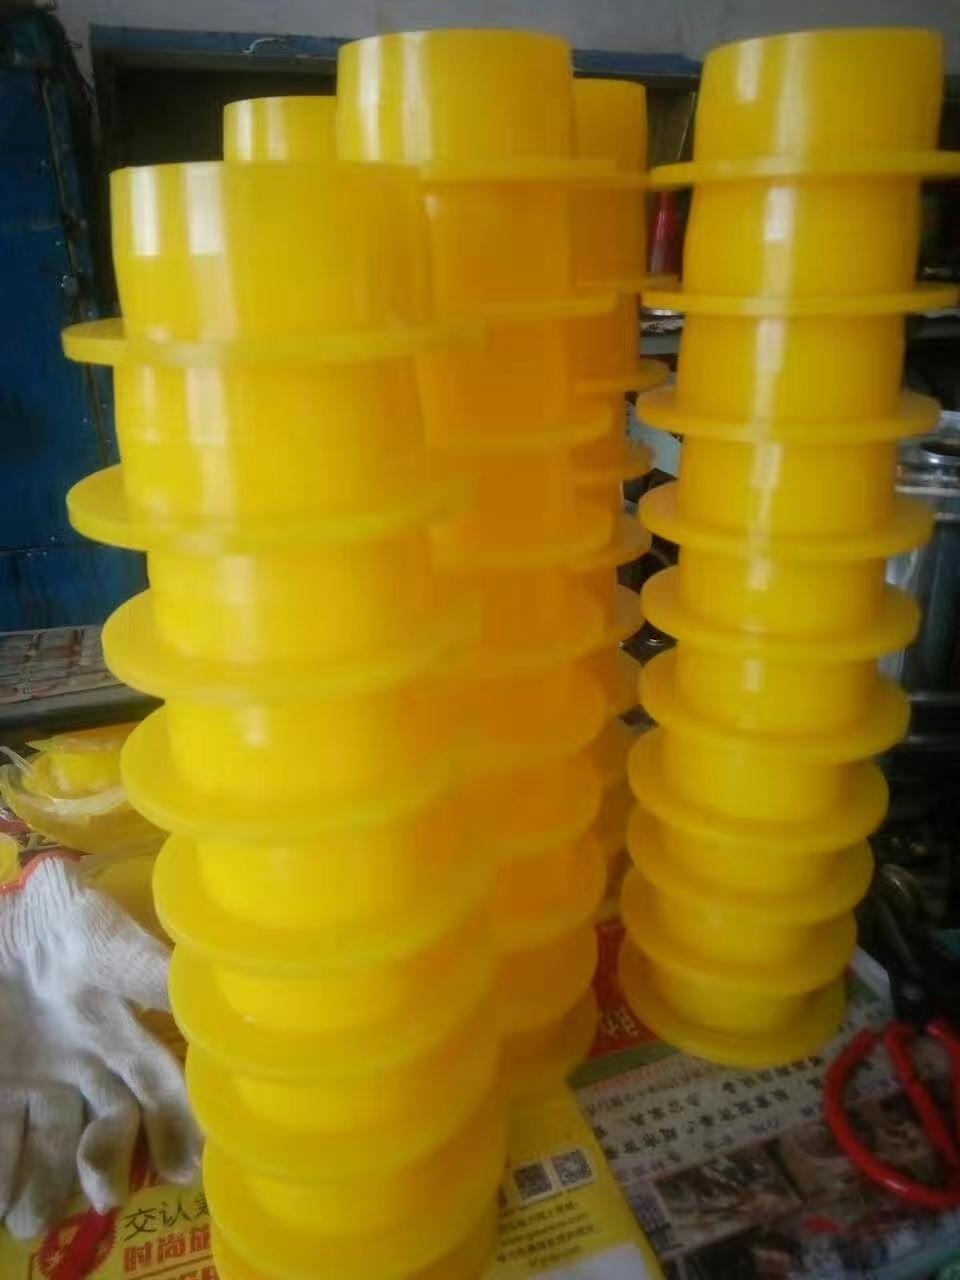 厂家直销 翻转聚氨酯配件 新型一体配件 质量保证 各种尺寸定制 聚氨酯配件厂家 聚氨酯配件价格